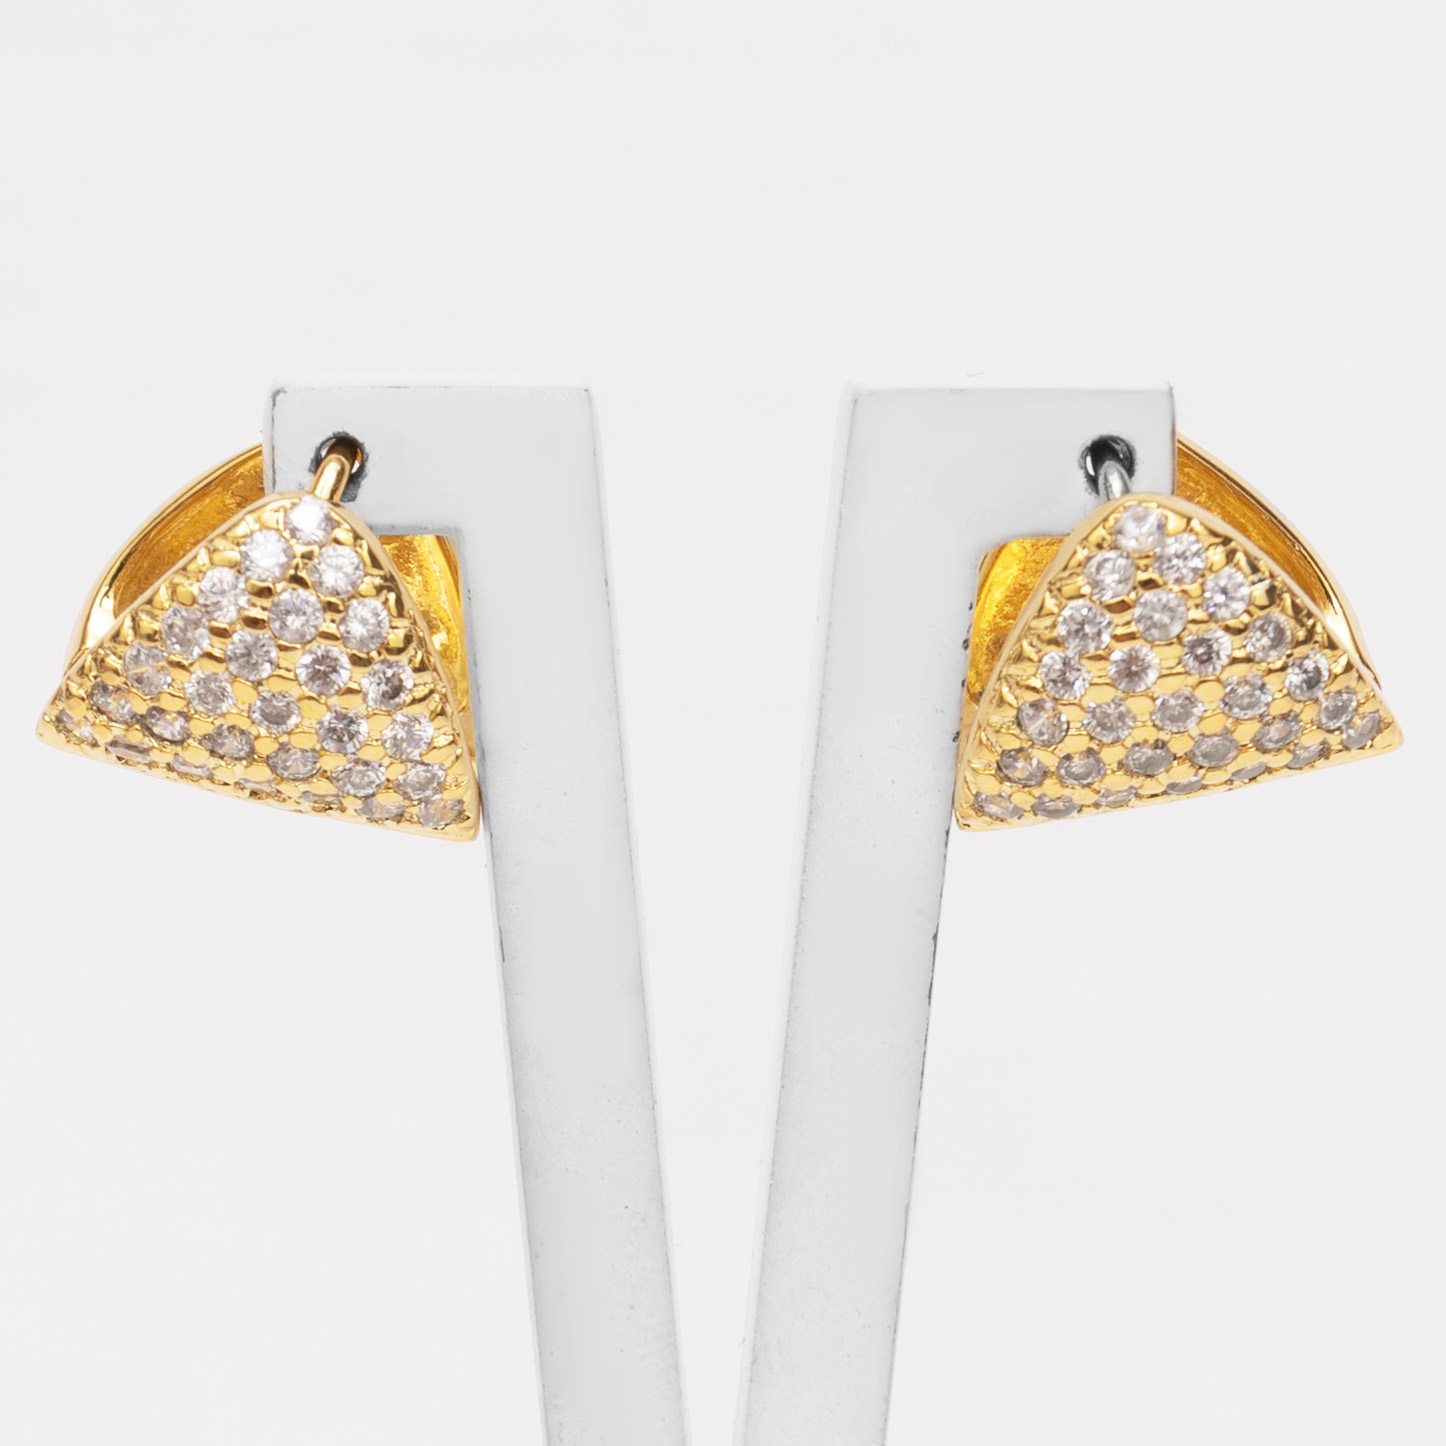 Brinco Argola Triangular com Zircônias Folheado a Ouro 18k  - Lunozê Joias